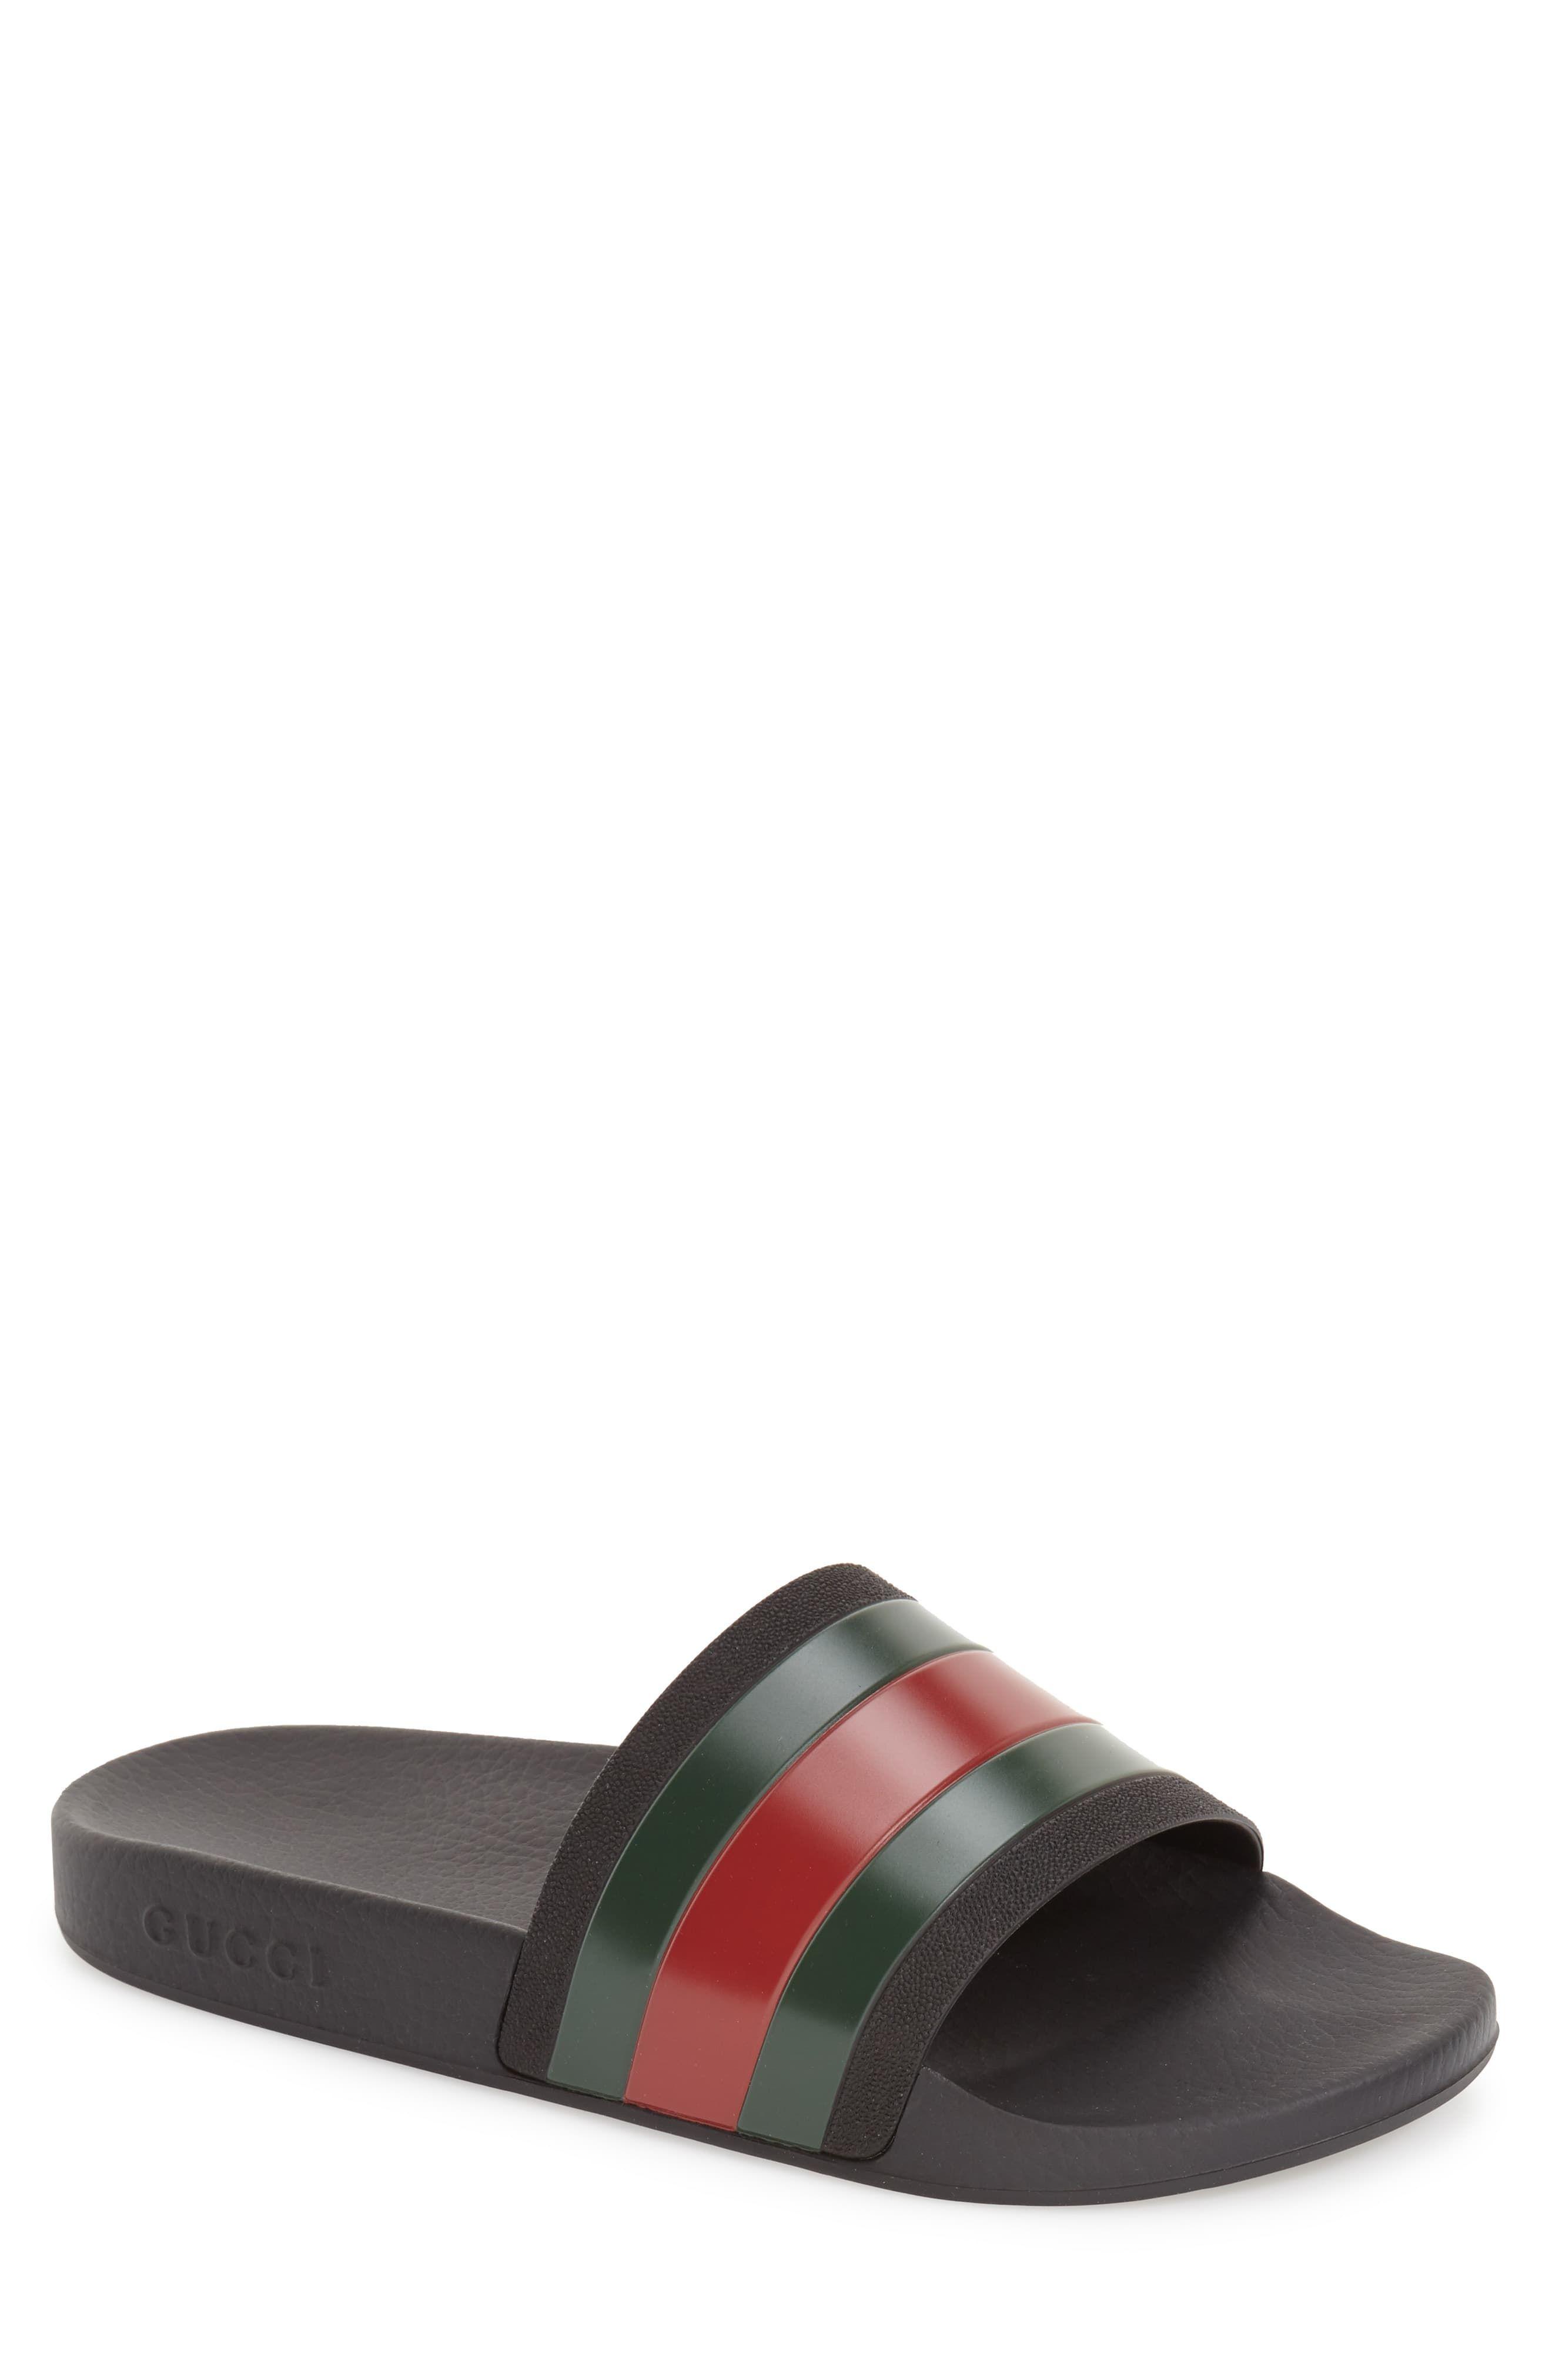 Men S Gucci Pursuit Rubber Slide Sandal Size 14us 13uk Black In 2020 Dress Shoes Men Mens Sandals Sneakers Men